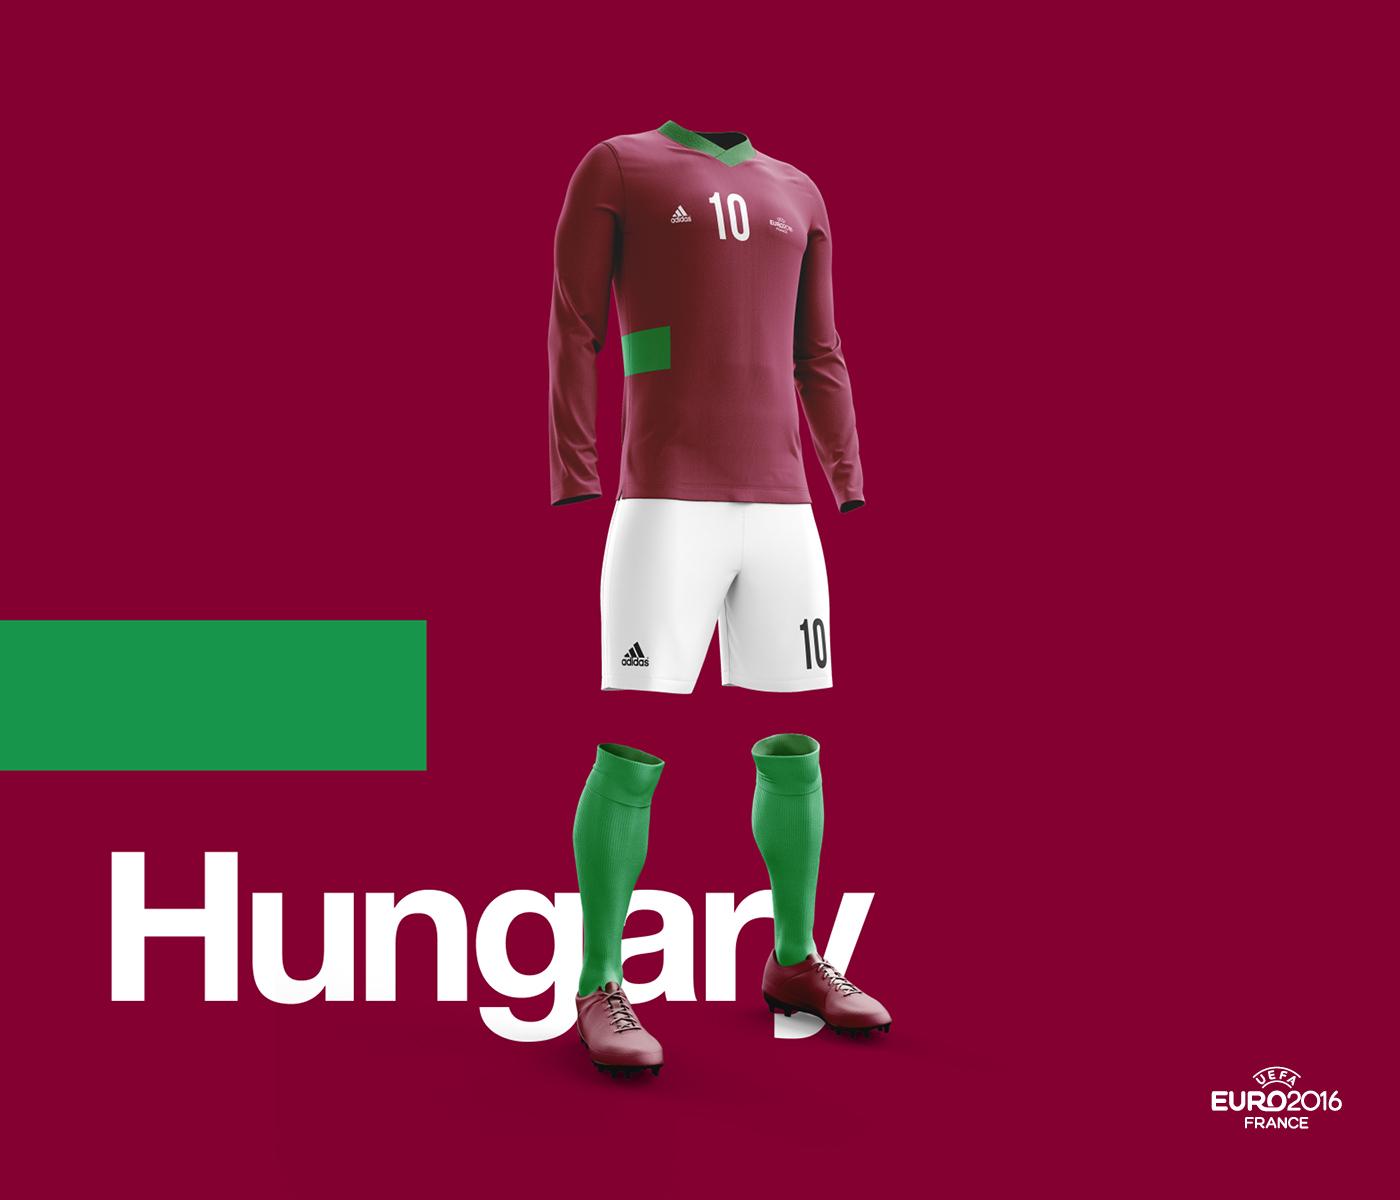 Camisas retrô da UEFA Euro 2016 - Grupo F - Show de Camisas 858fabc51ce63